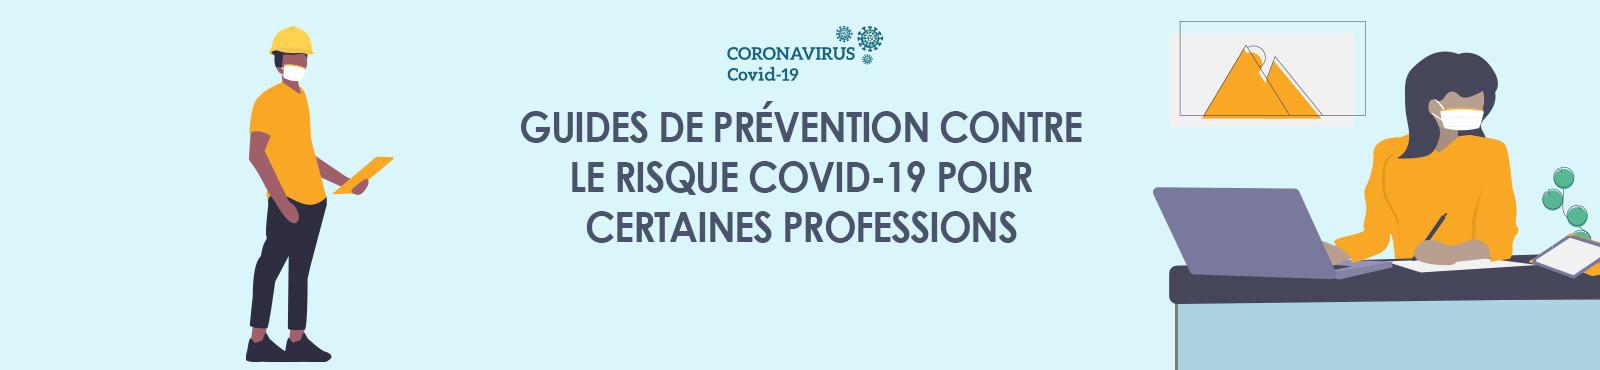 guides_de_prevention.jpg